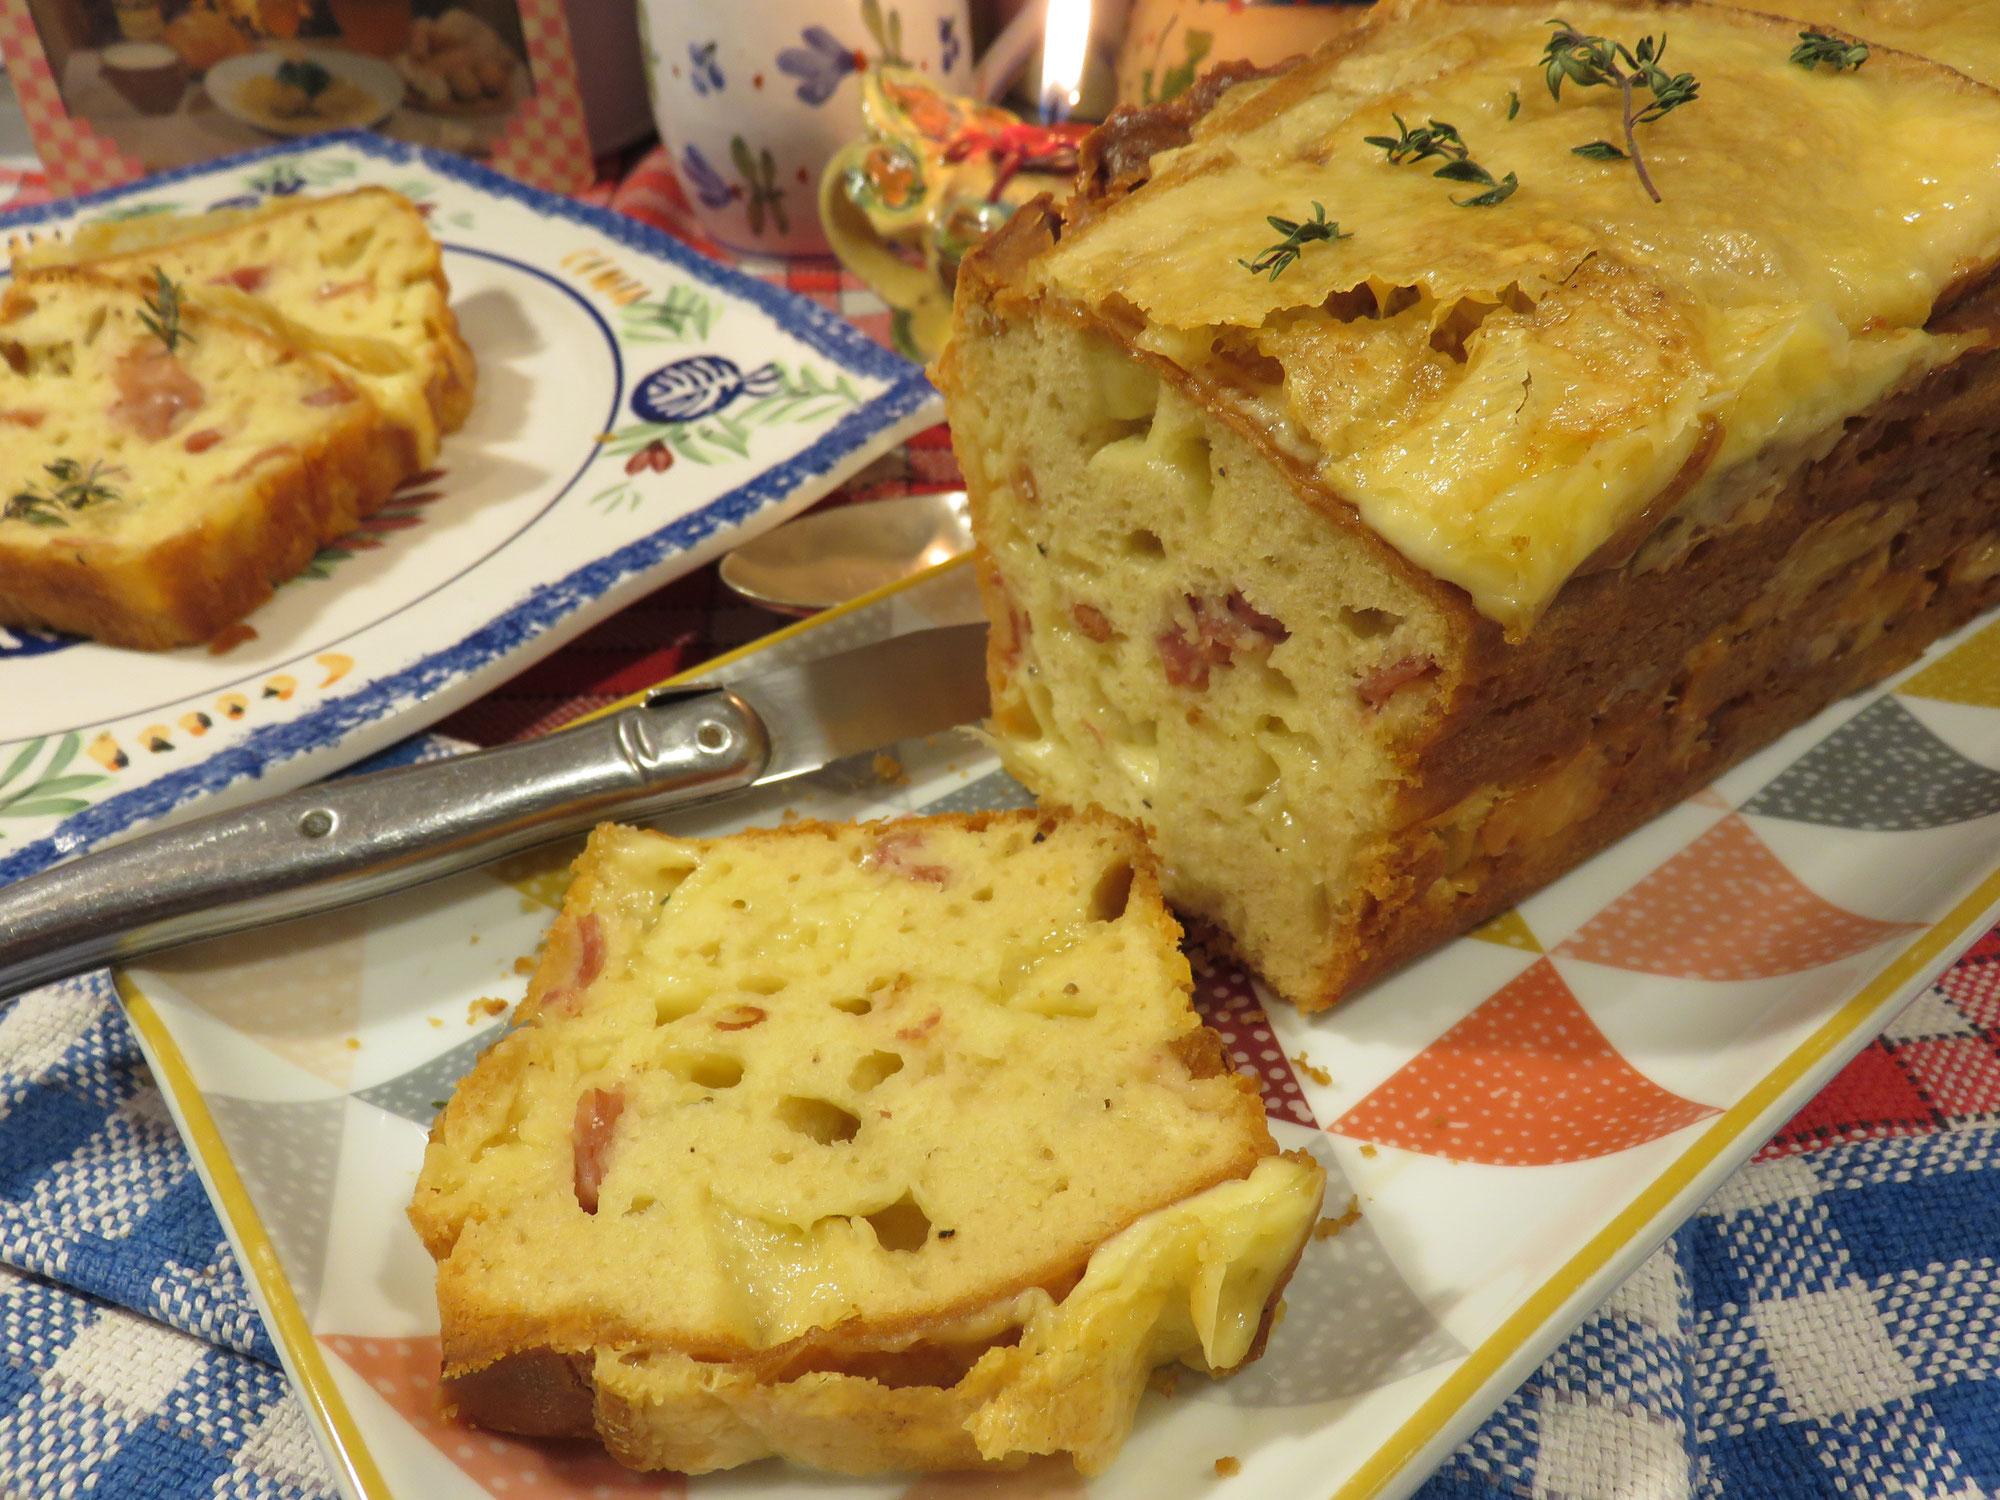 RECETTE Vidéo :  Cake Raclette à la Savoyarde de la Mère Mitraille, avec une salade verte, c'est extra !